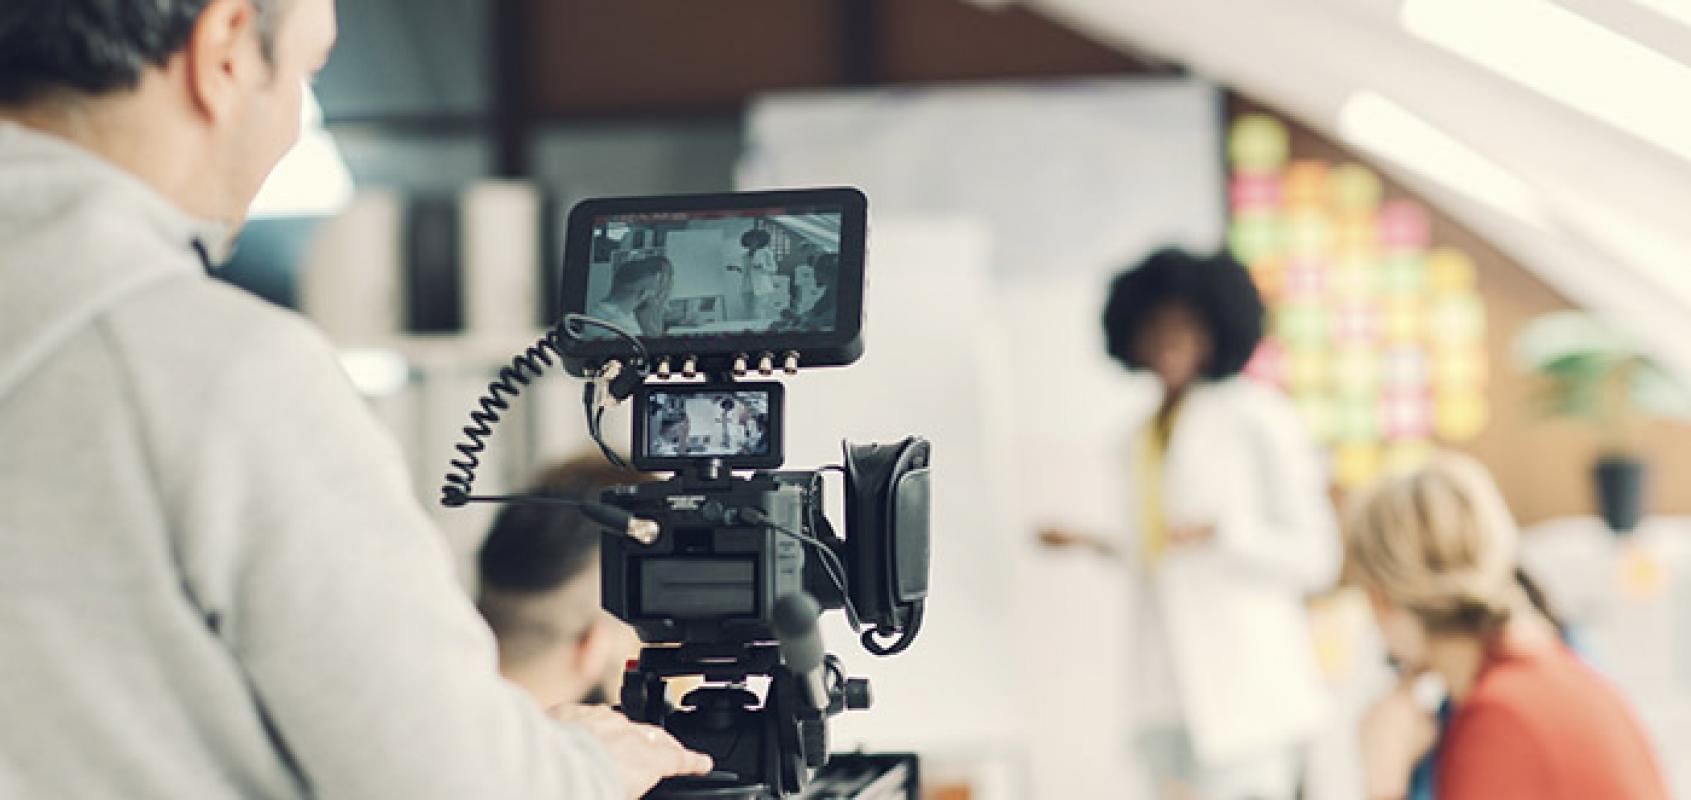 Нужны модели казахи (парень и девушка) 18- 25 и ребенок до 7-12  лет для съёмки рекламы . 09.08